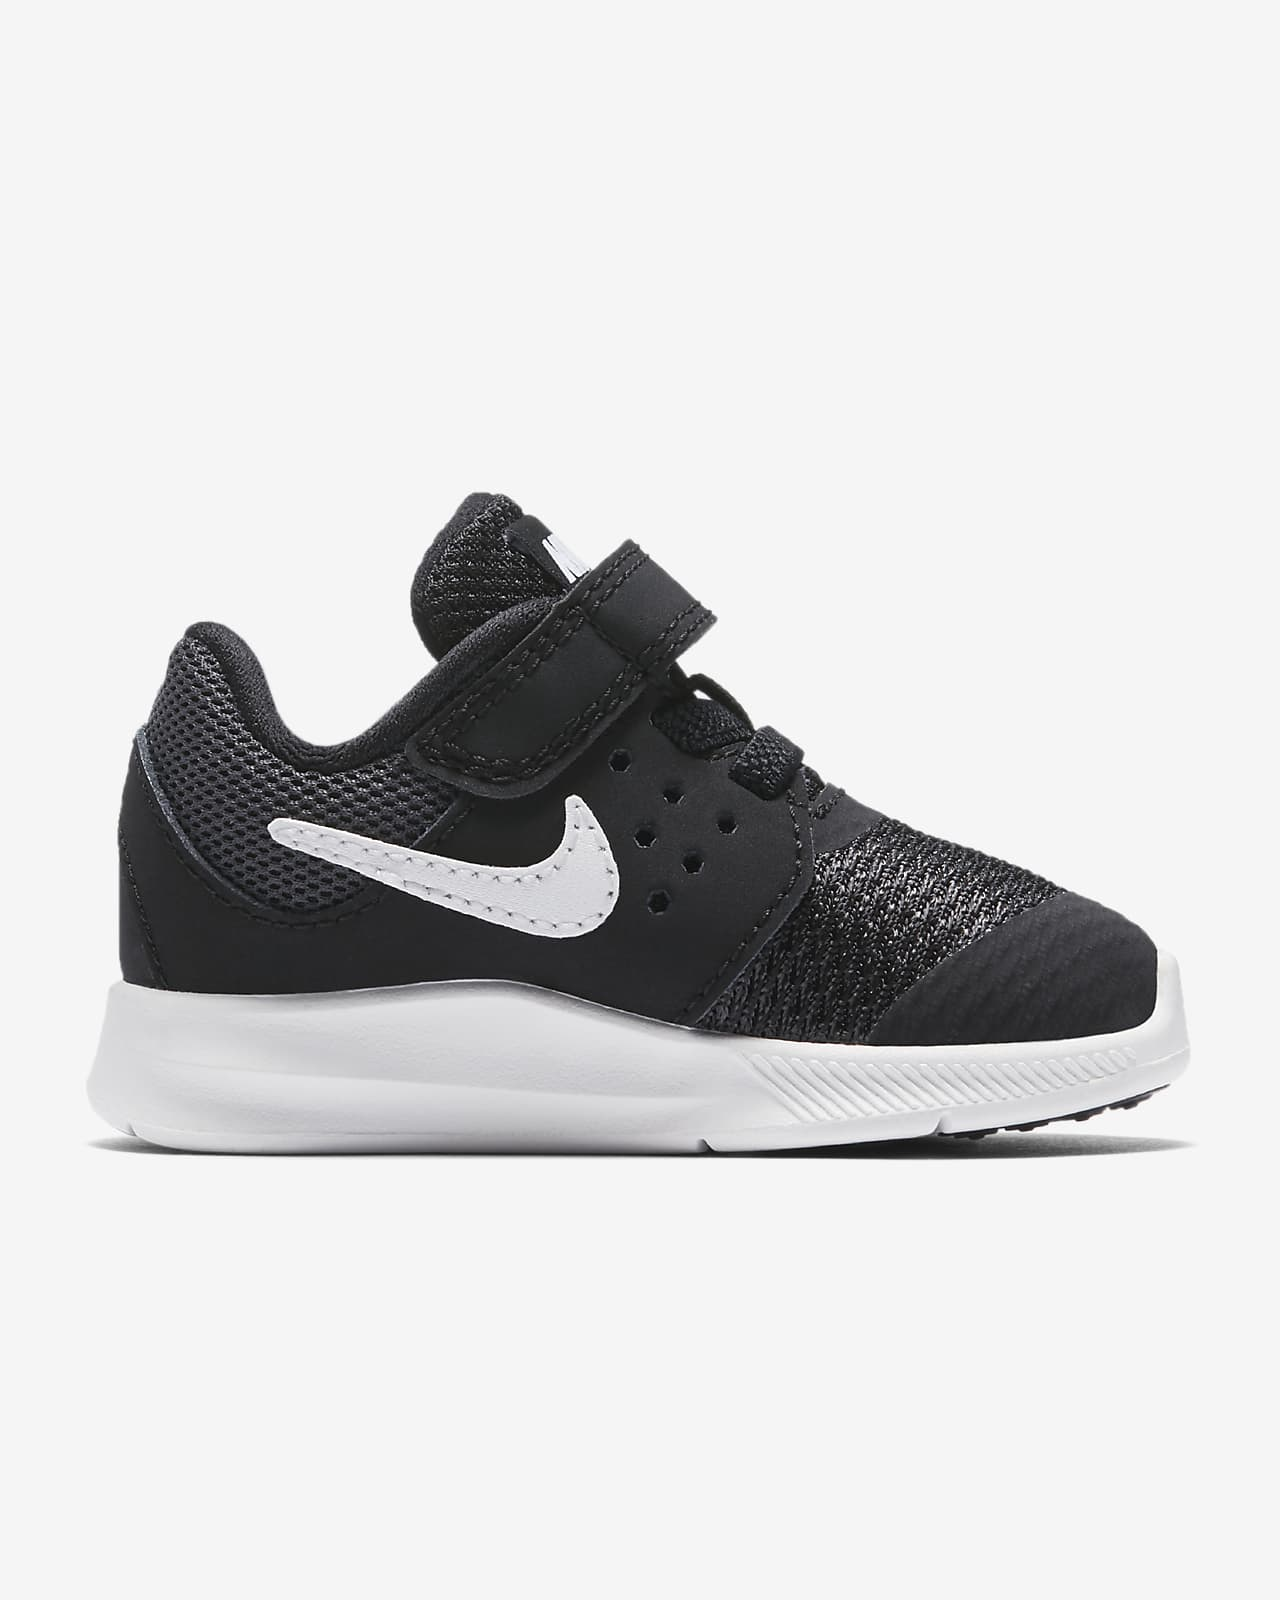 Nike Downshifter 7 Baby \u0026 Toddler Shoe